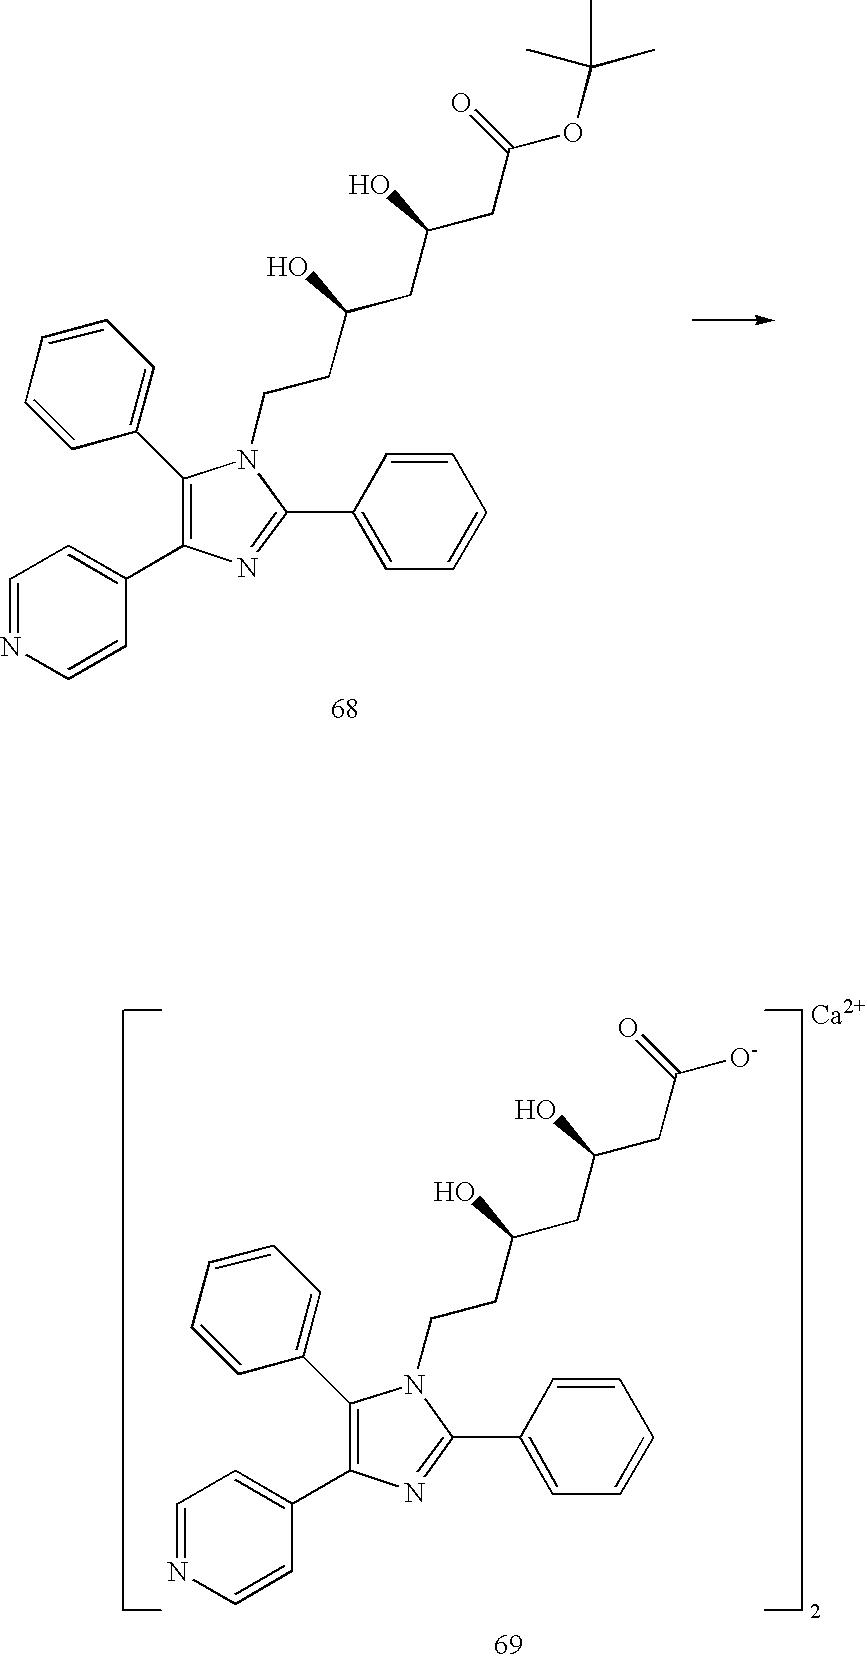 Figure US07183285-20070227-C00195